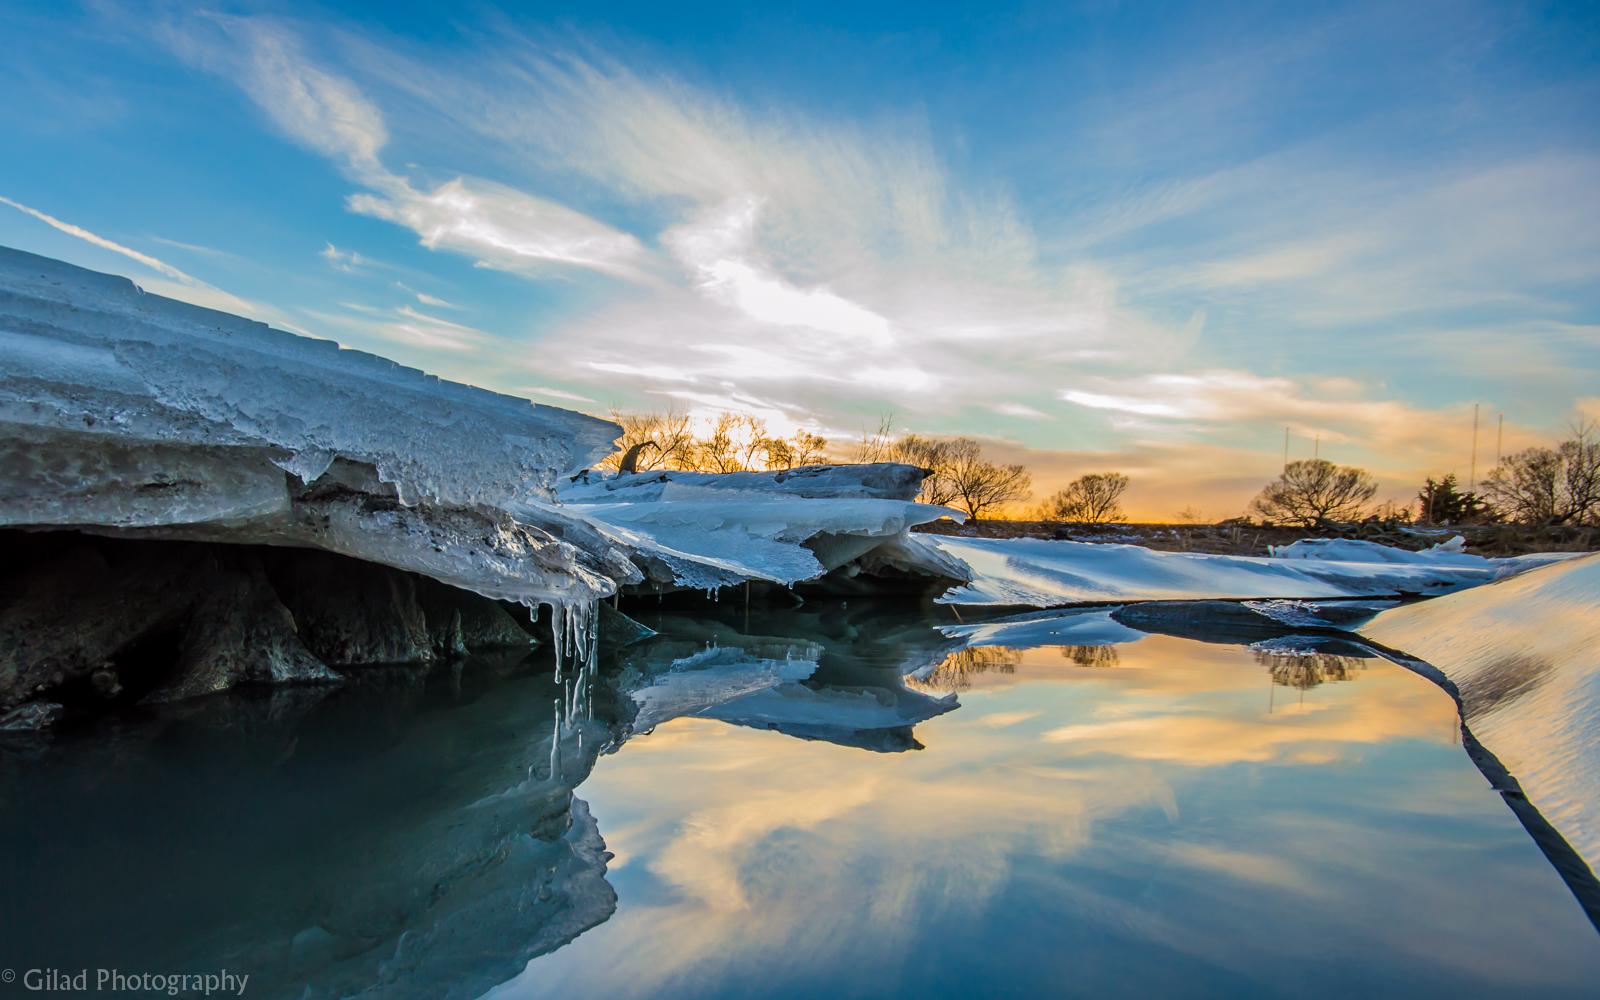 Mill Creek Frozen.jpg